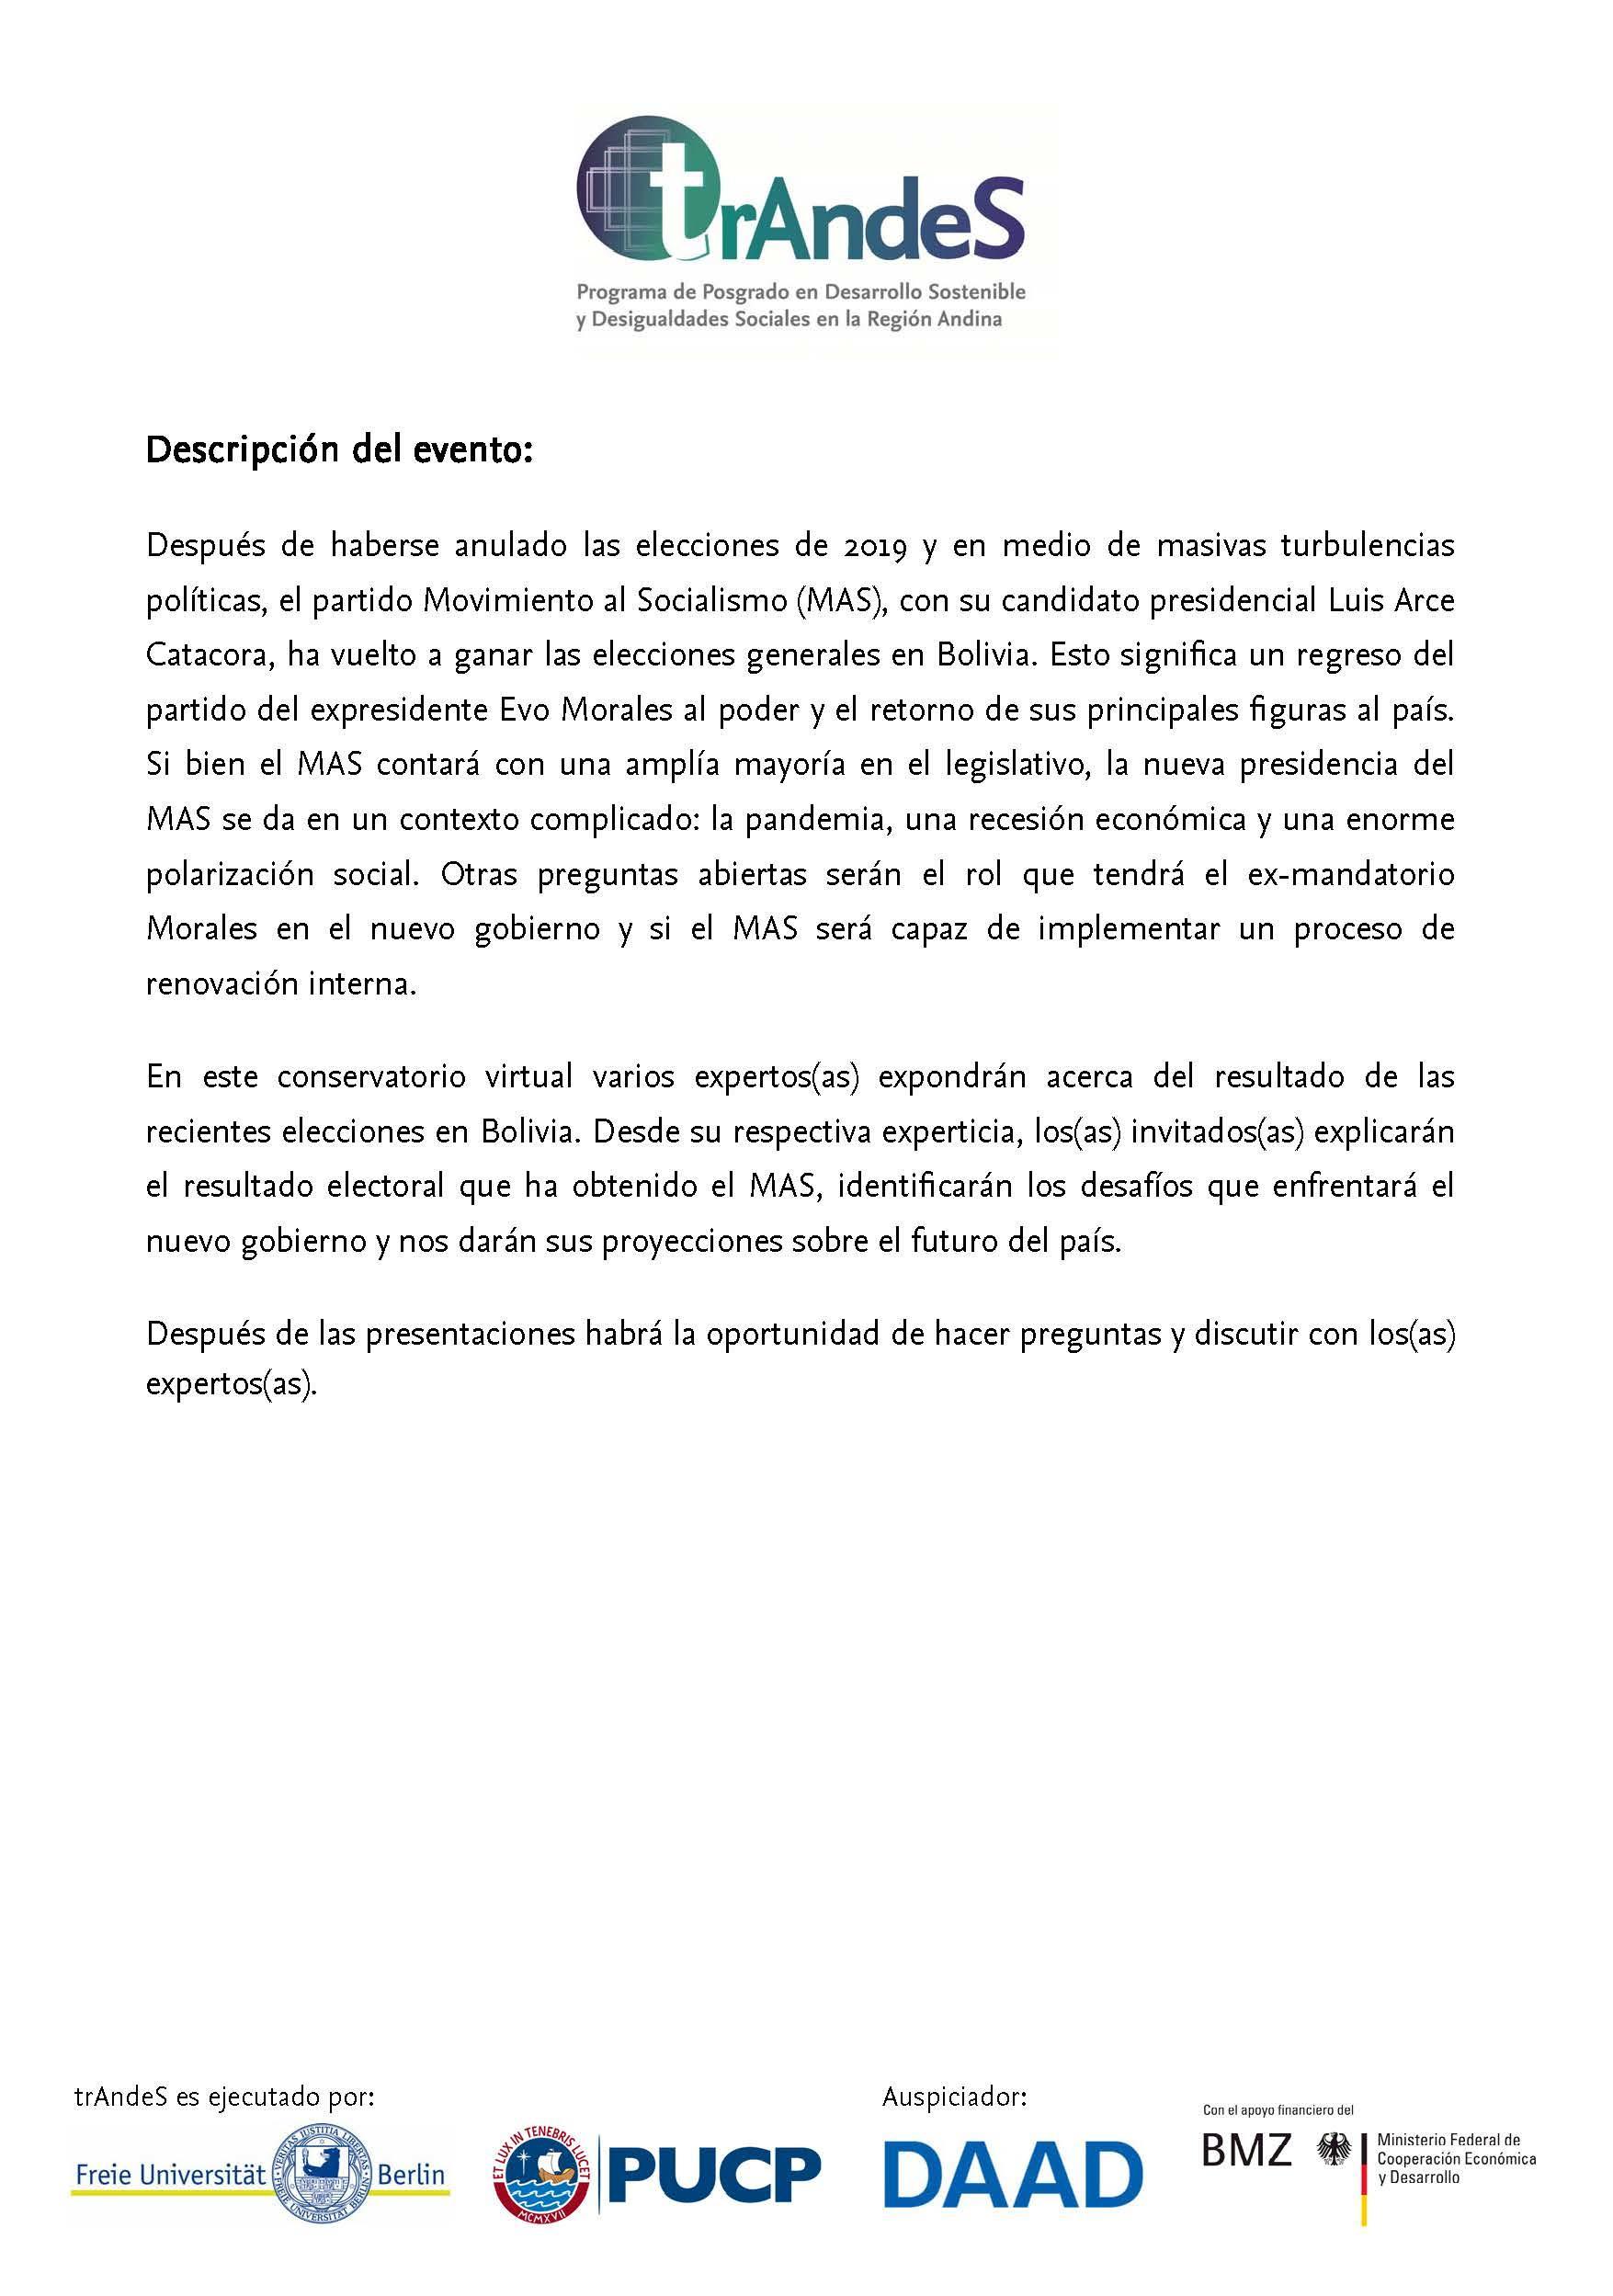 End_Conversatorio Bolivia_Seite_2